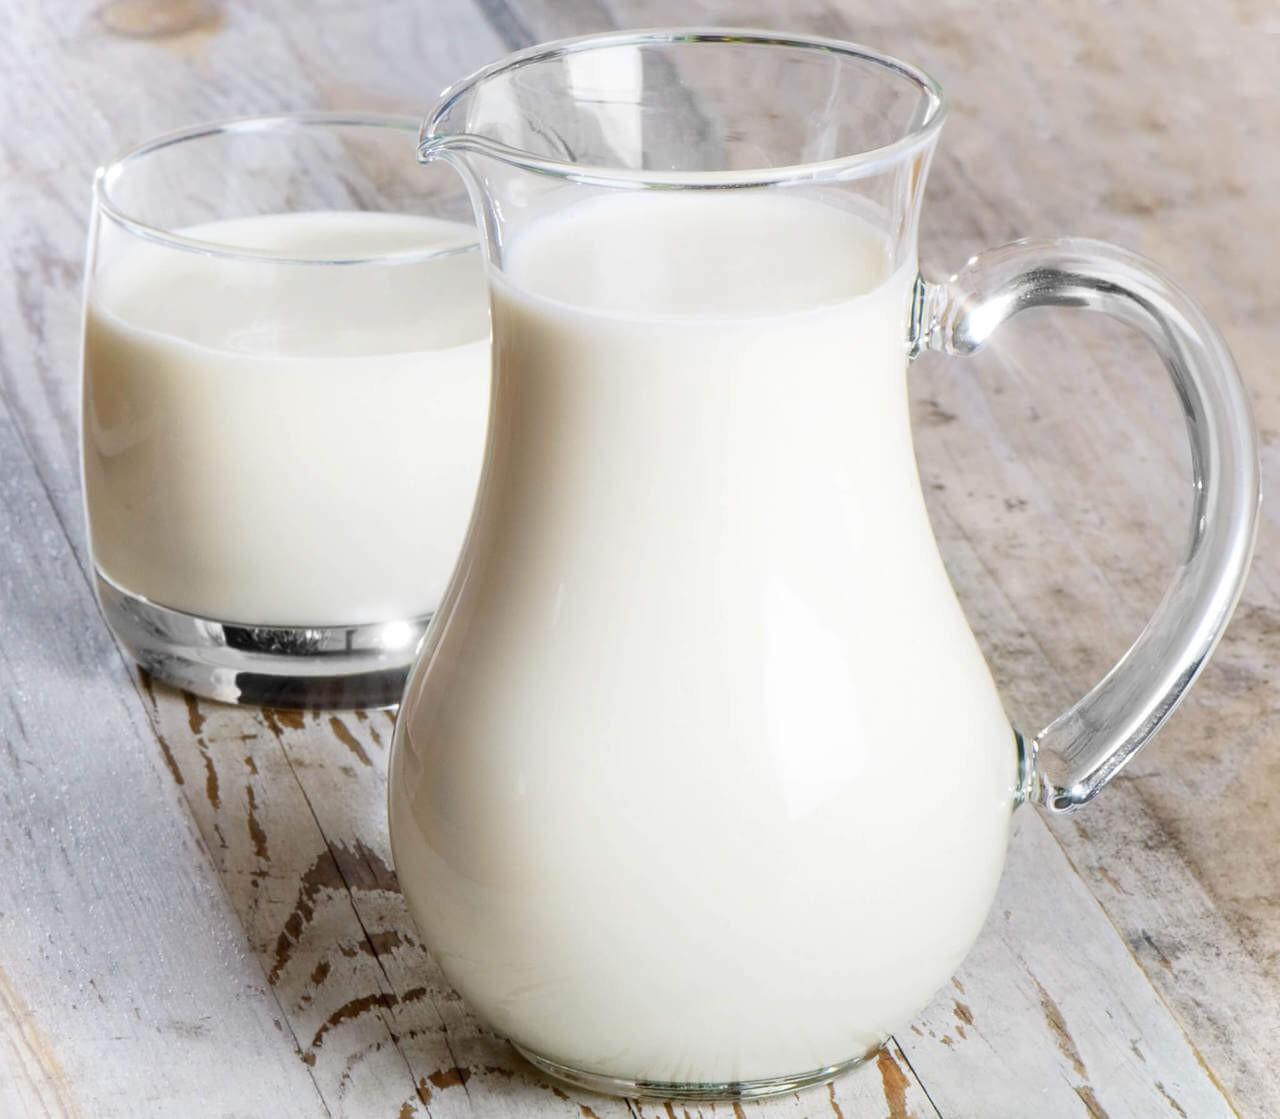 Lựa chọn thật kỹ sữa sạch để chăm sóc da